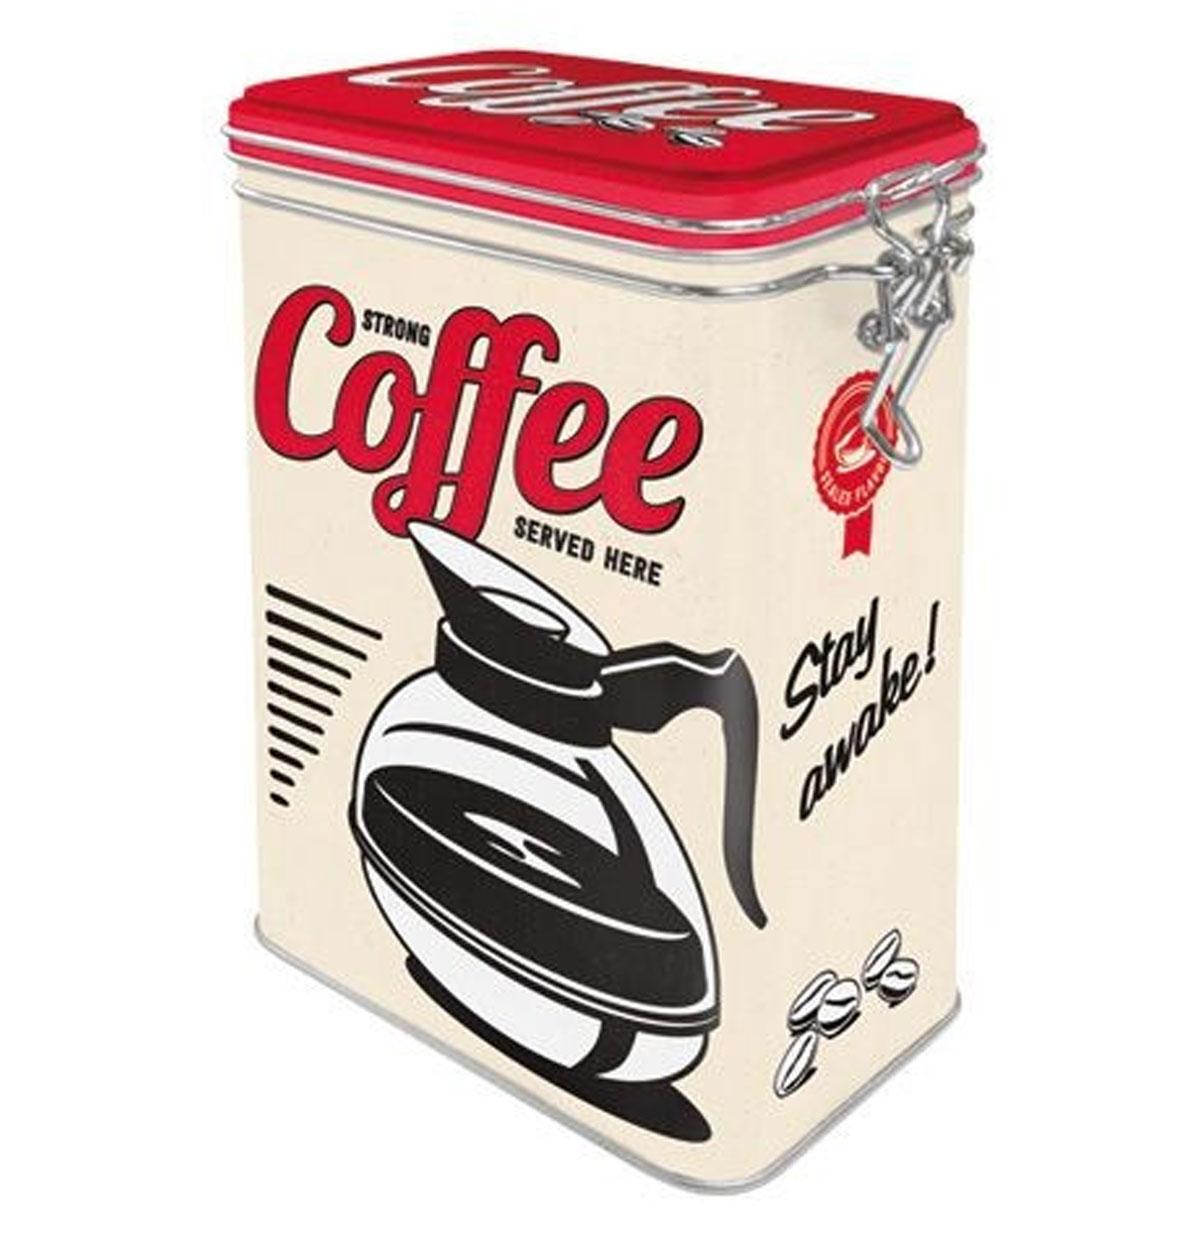 Strong Coffee Served Here Tinnen Blik Met Klip